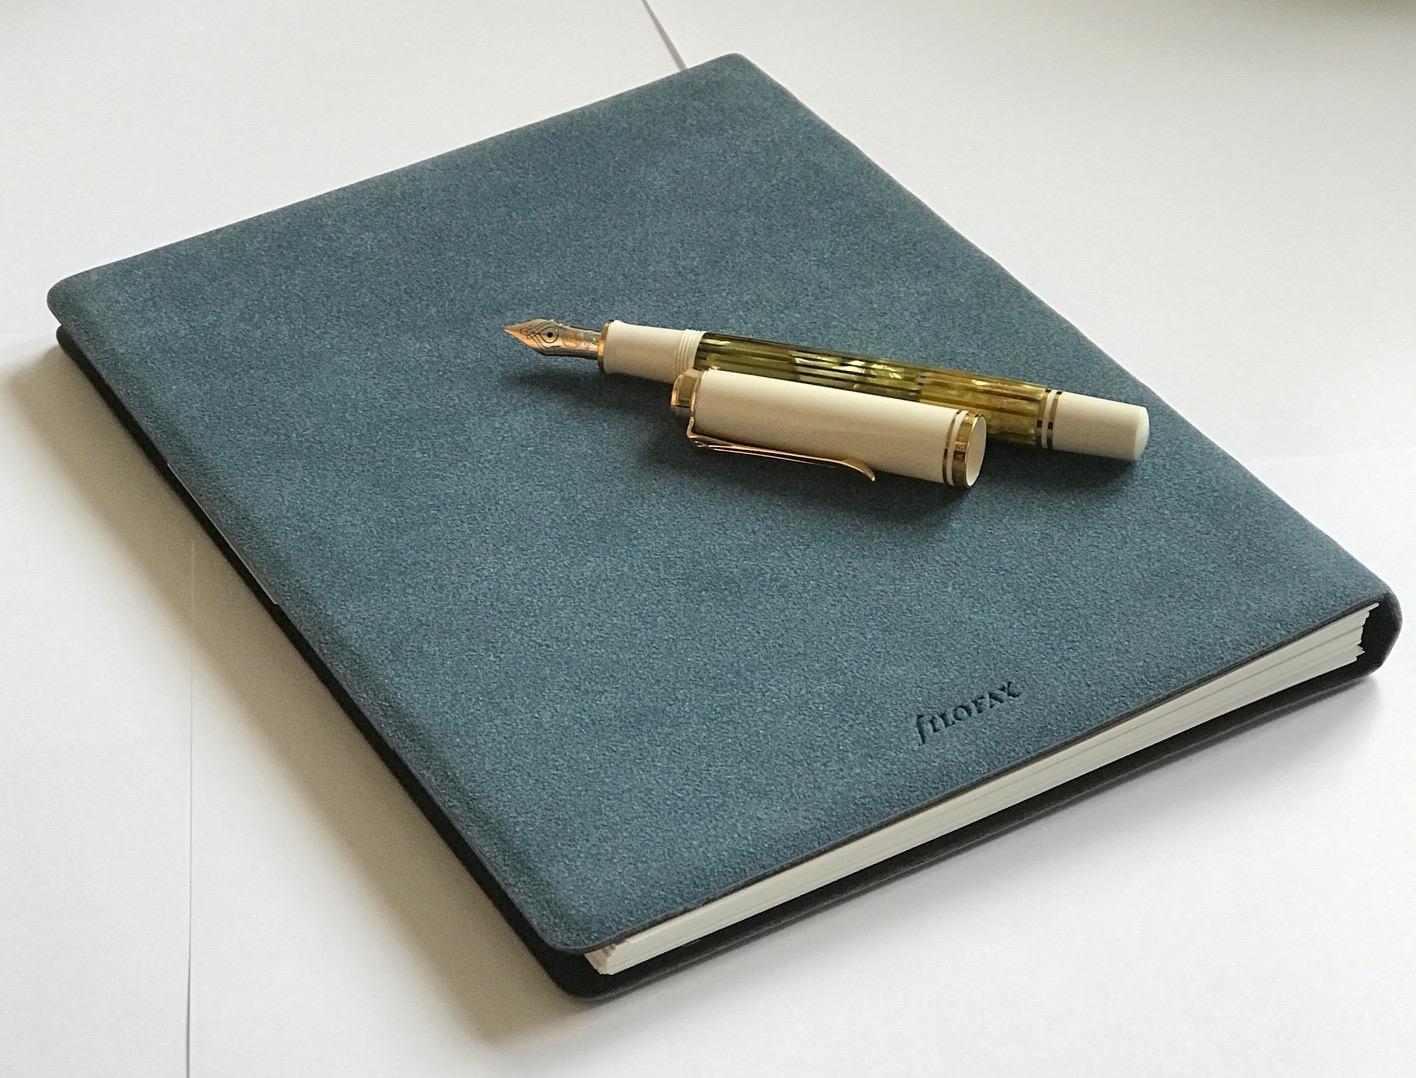 fpn_1552160177__filofax_notebook_-_02_-_